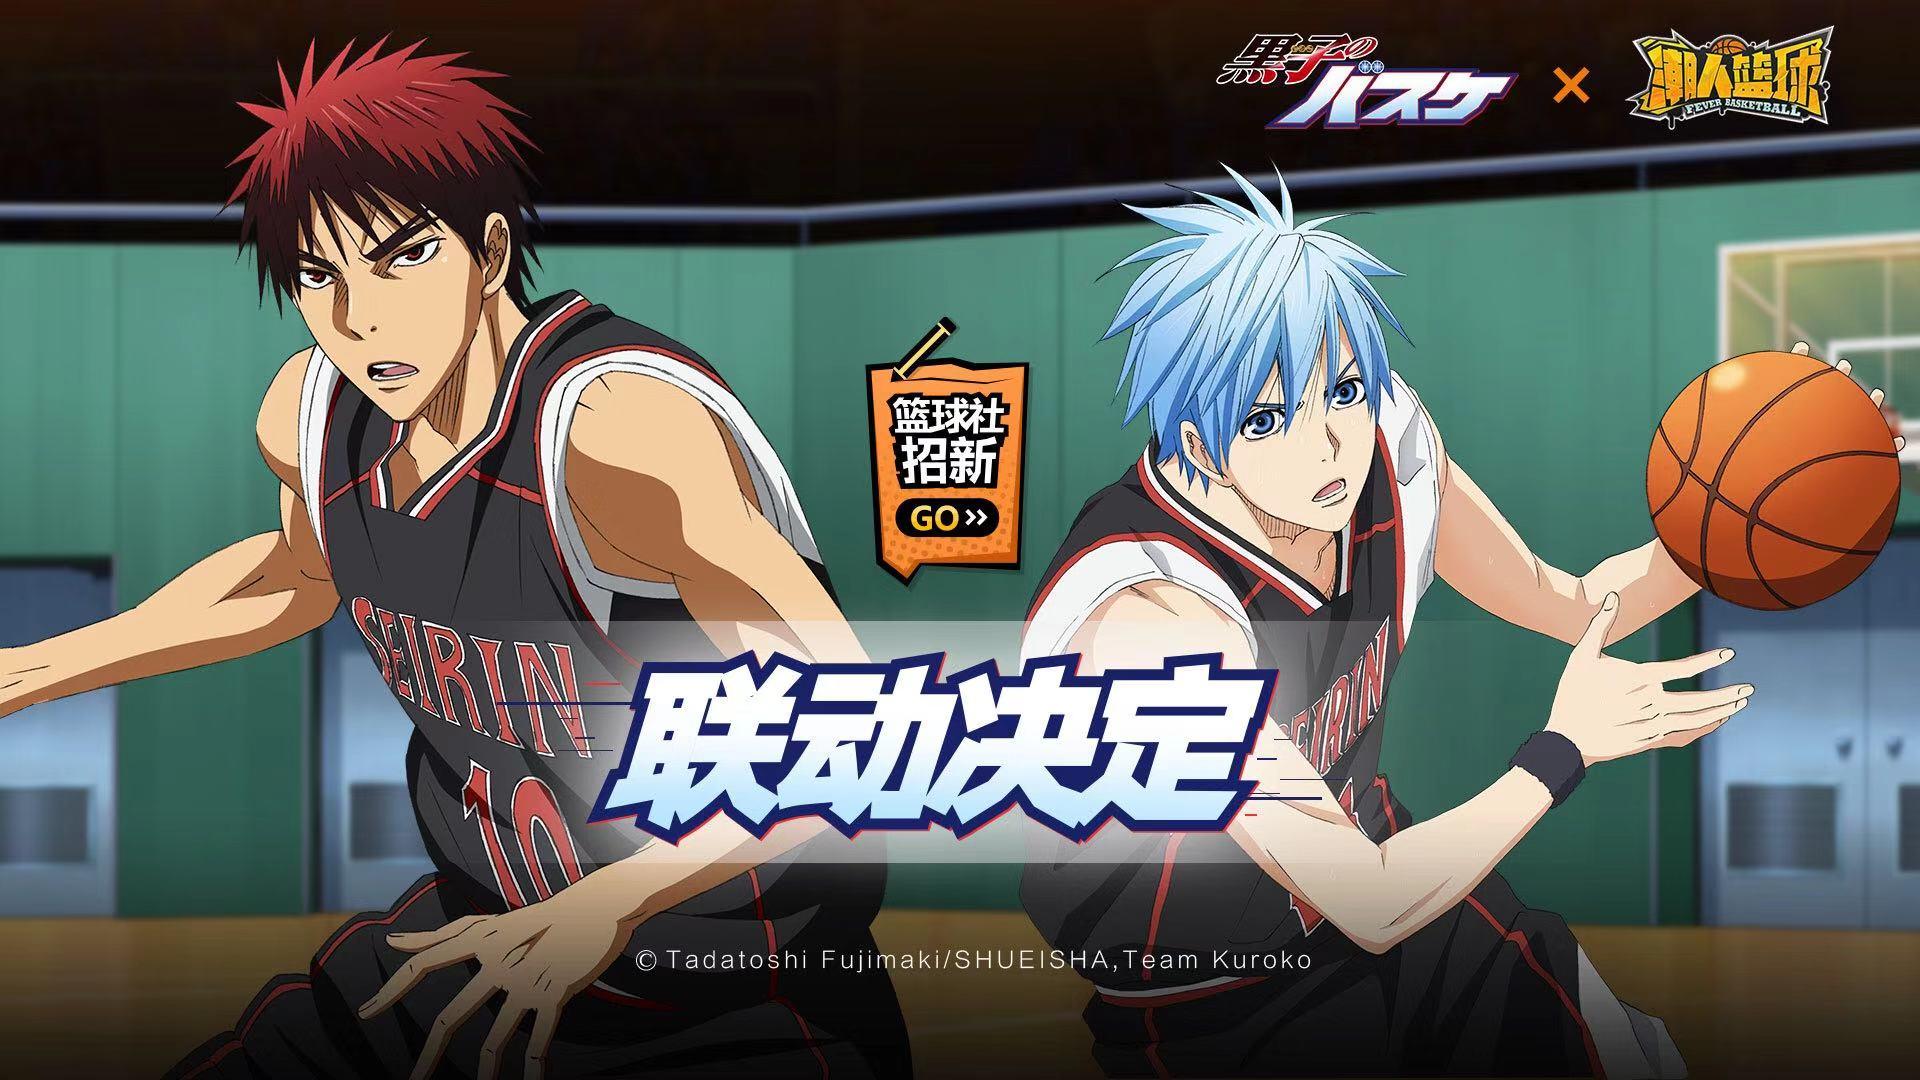 《潮人篮球》与《黑子的篮球》达成合作,联动即将来袭!